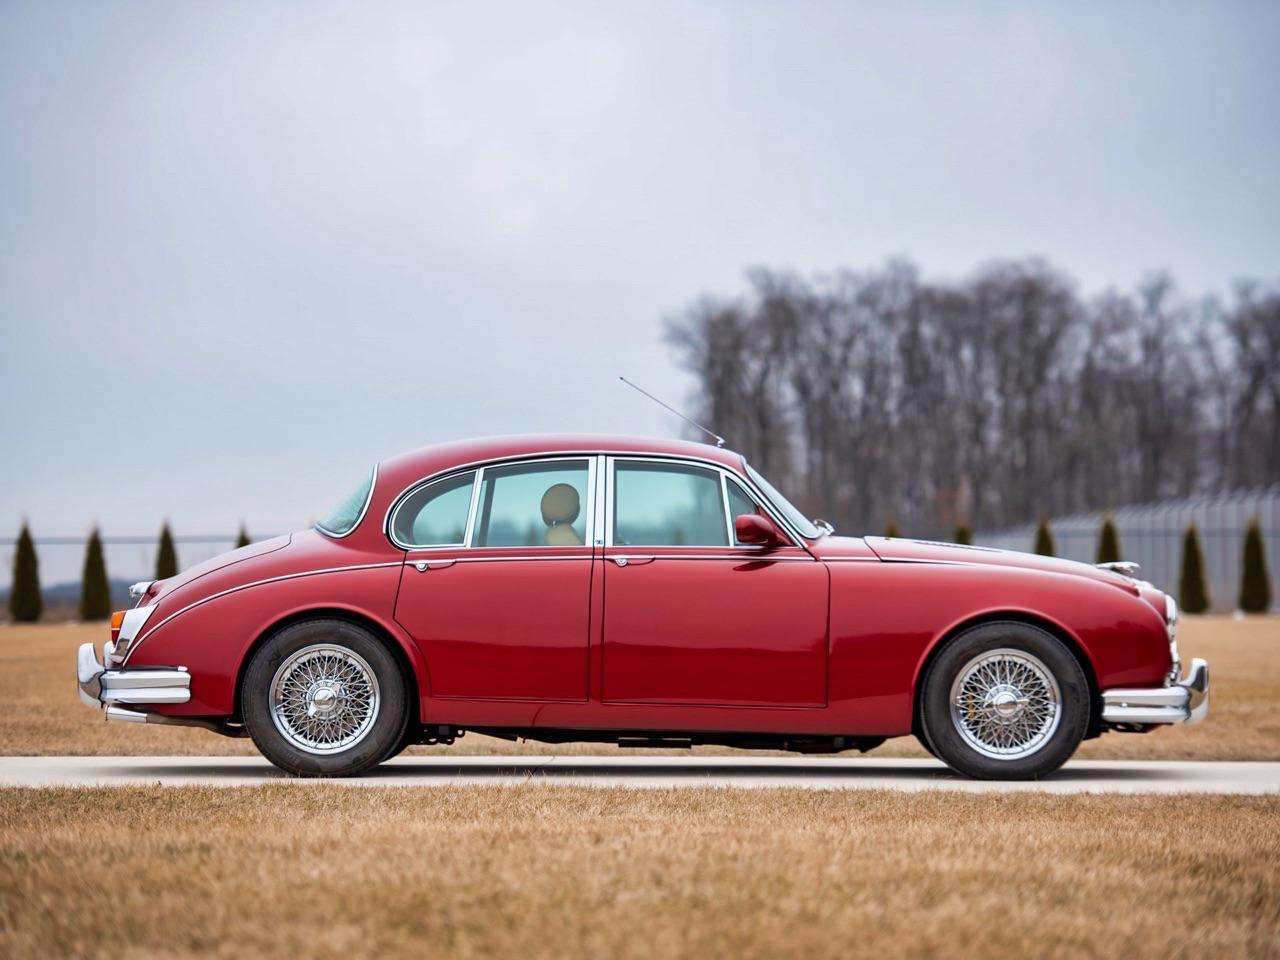 Restomod Jaguar Mk2 3.8... enfin, plutôt Beacham V8 Supercharged ! 6